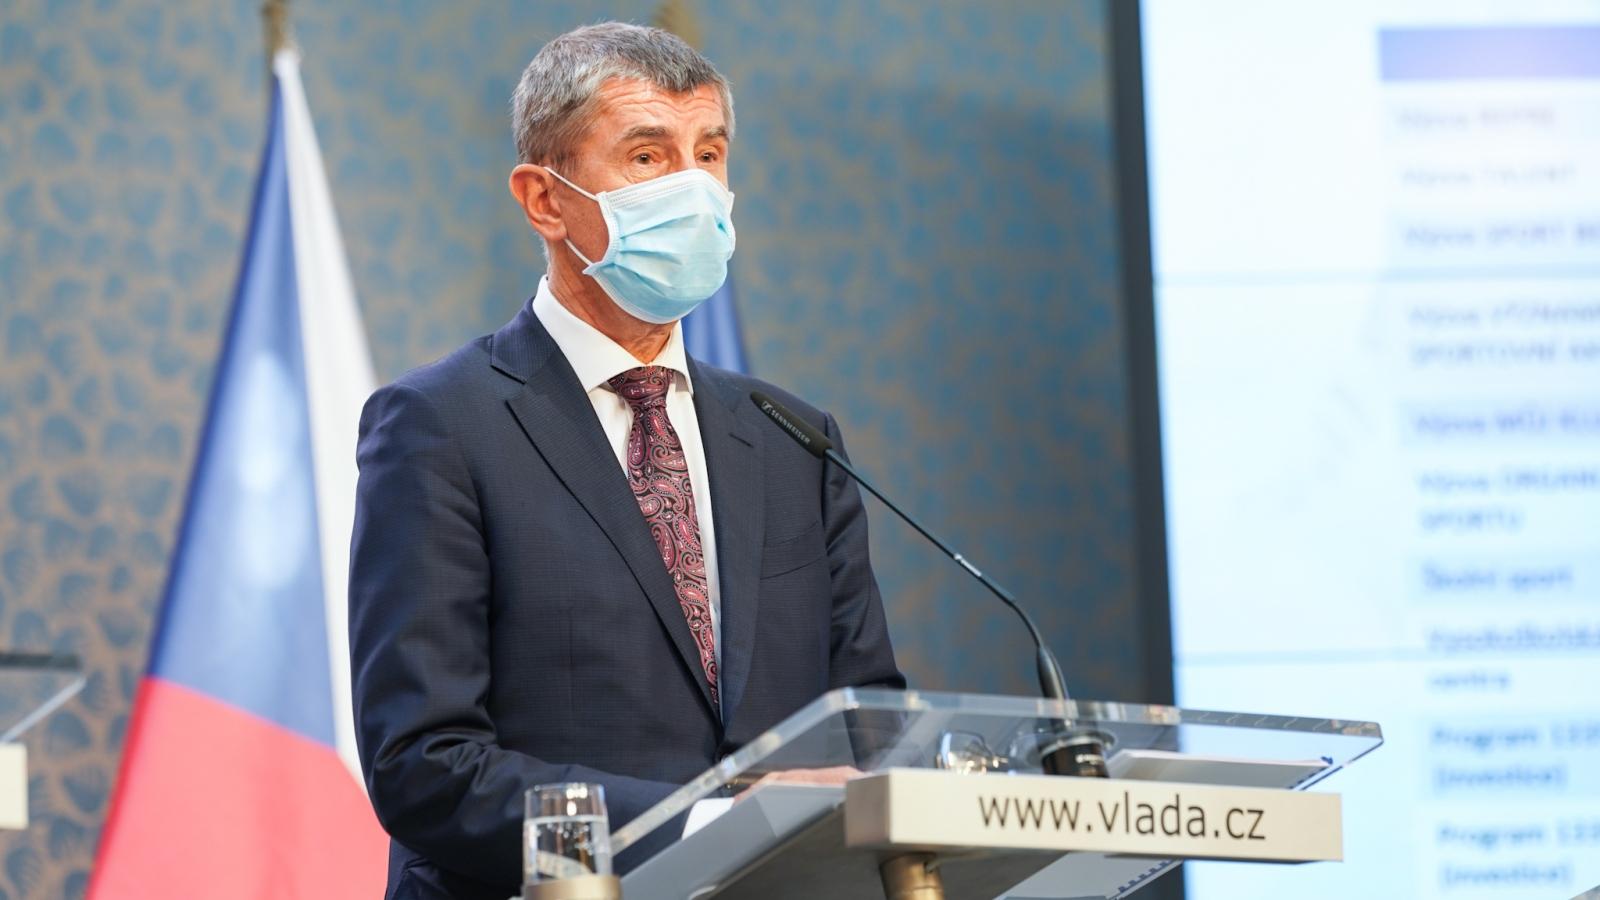 Chính phủ Séc chỉ định Bộ trưởng Y tế mới để xử lý khủng hoảng dịch Covid-19